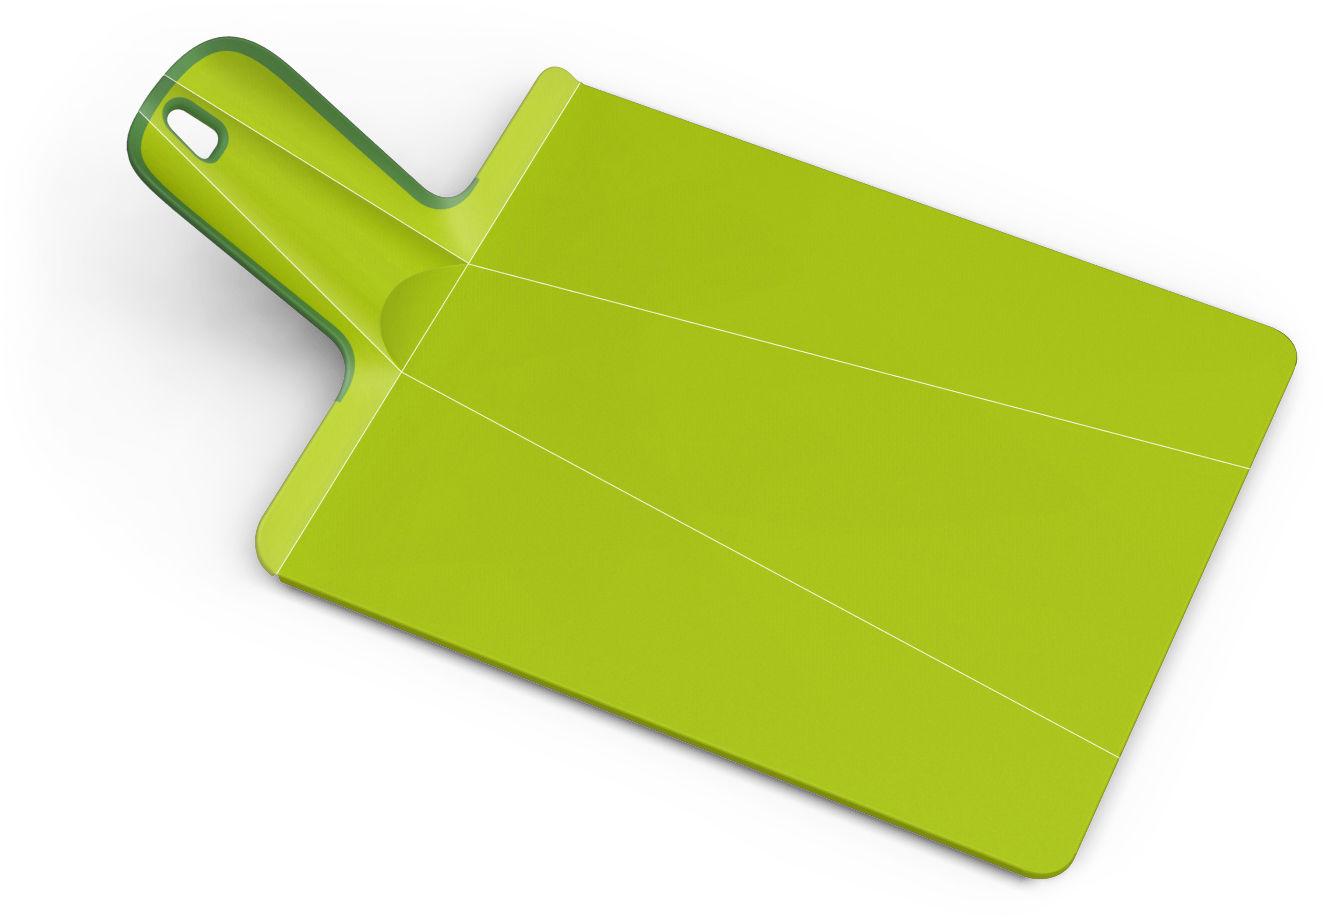 Cucina - Pratici e intelligenti - Tagliere Chop2Pot - pieghevole di Joseph Joseph - Verde - Polipropilene